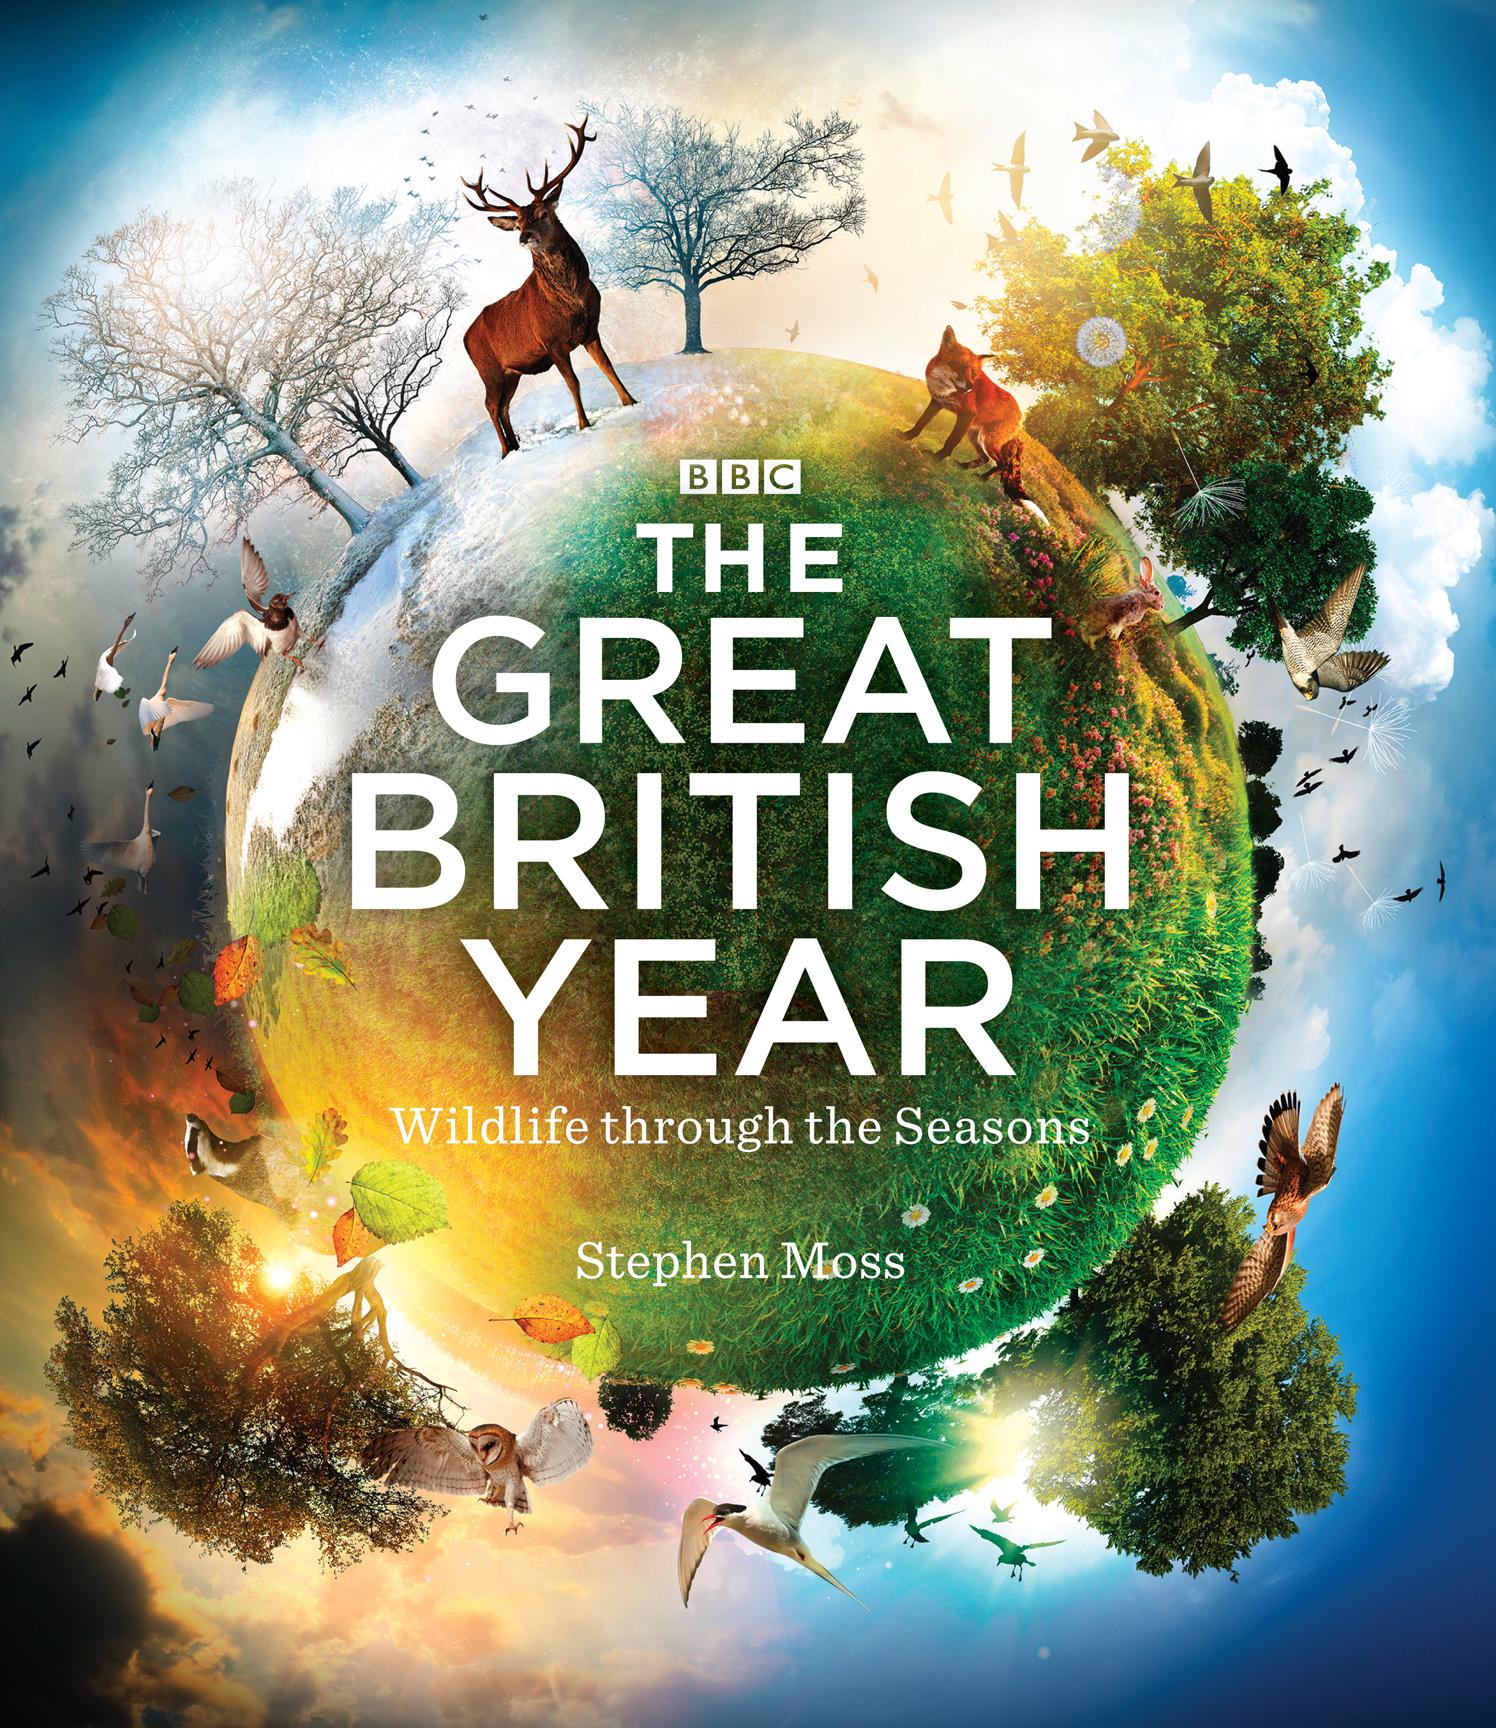 The Great British Year / BBC Books